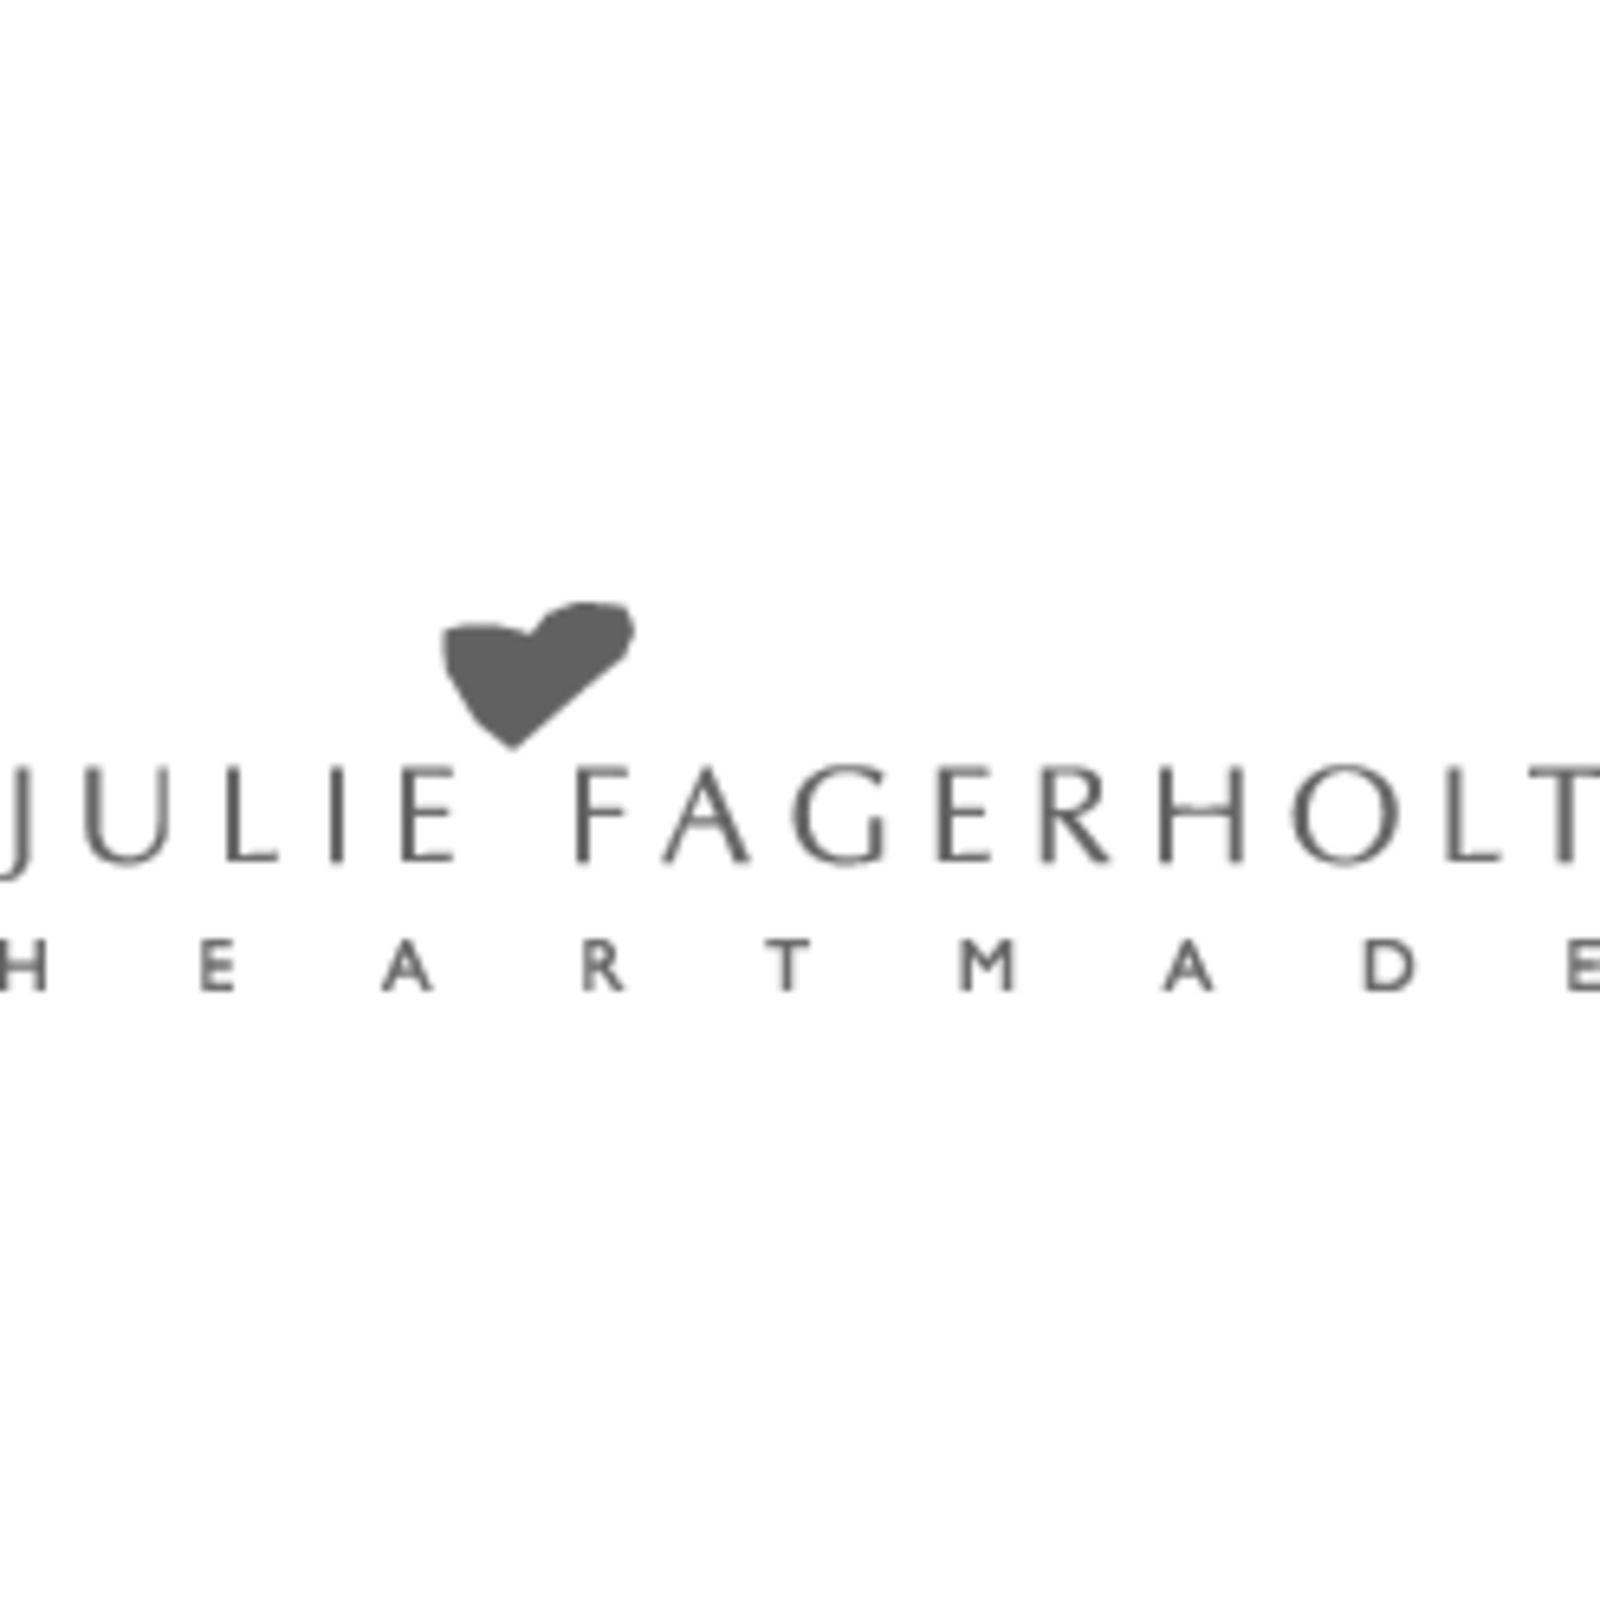 JULIA FAGERHOLT HEARTMADE